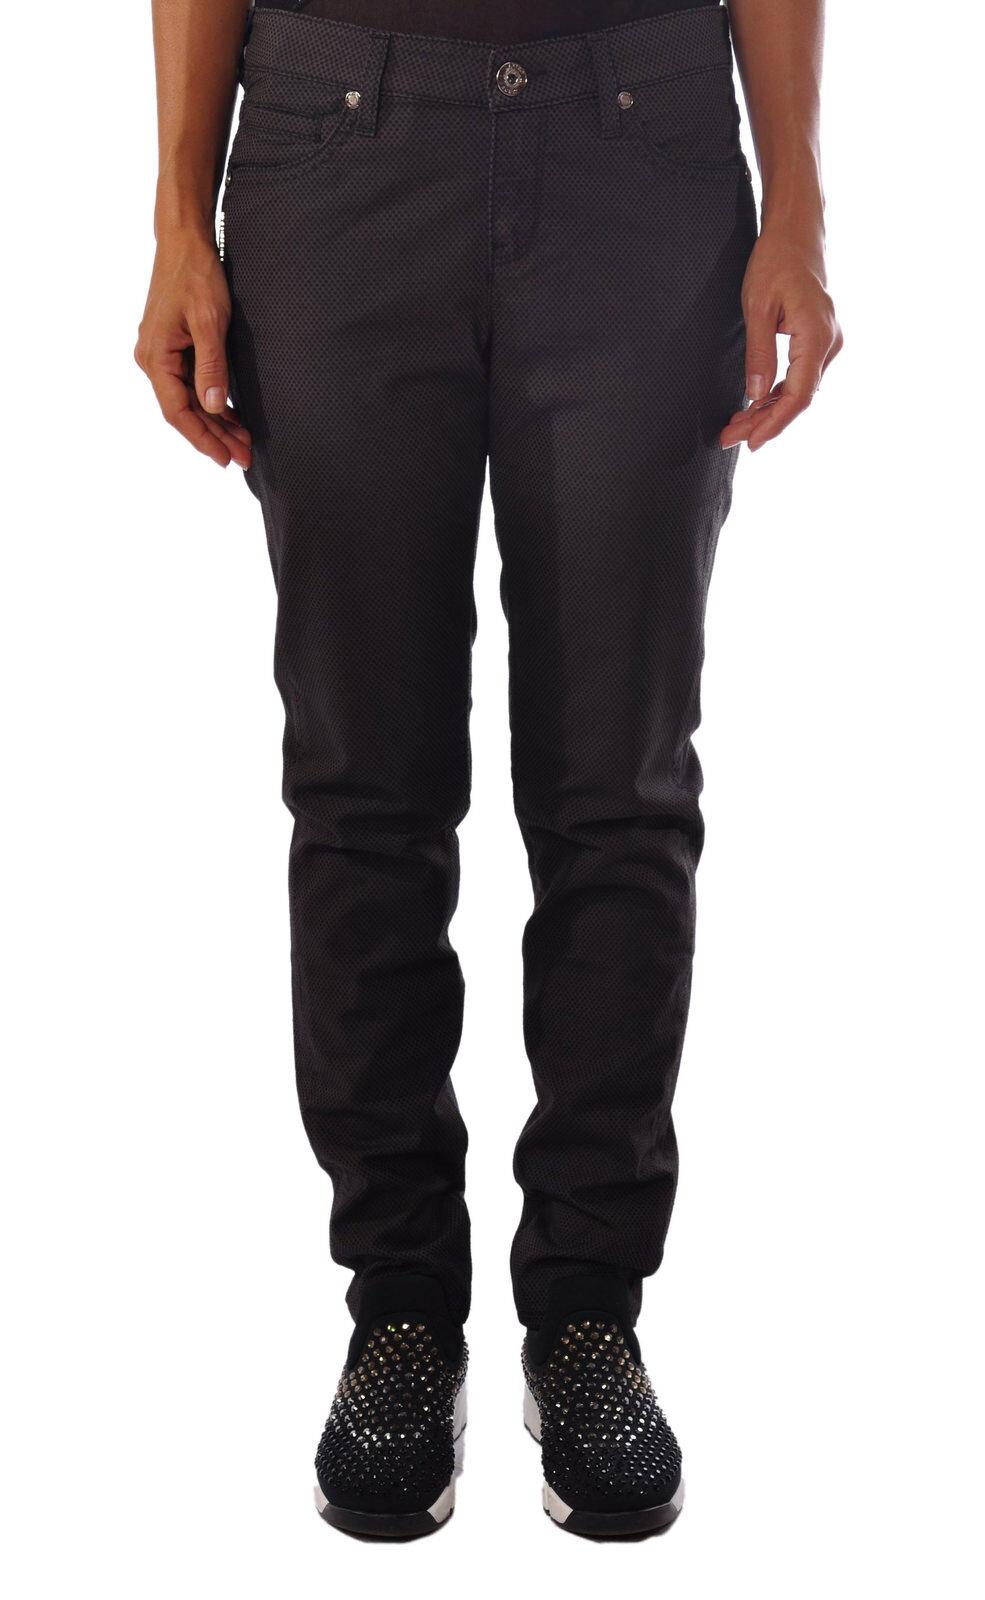 Latinò - Pants-Pants - Woman - Brown - 909717G183938